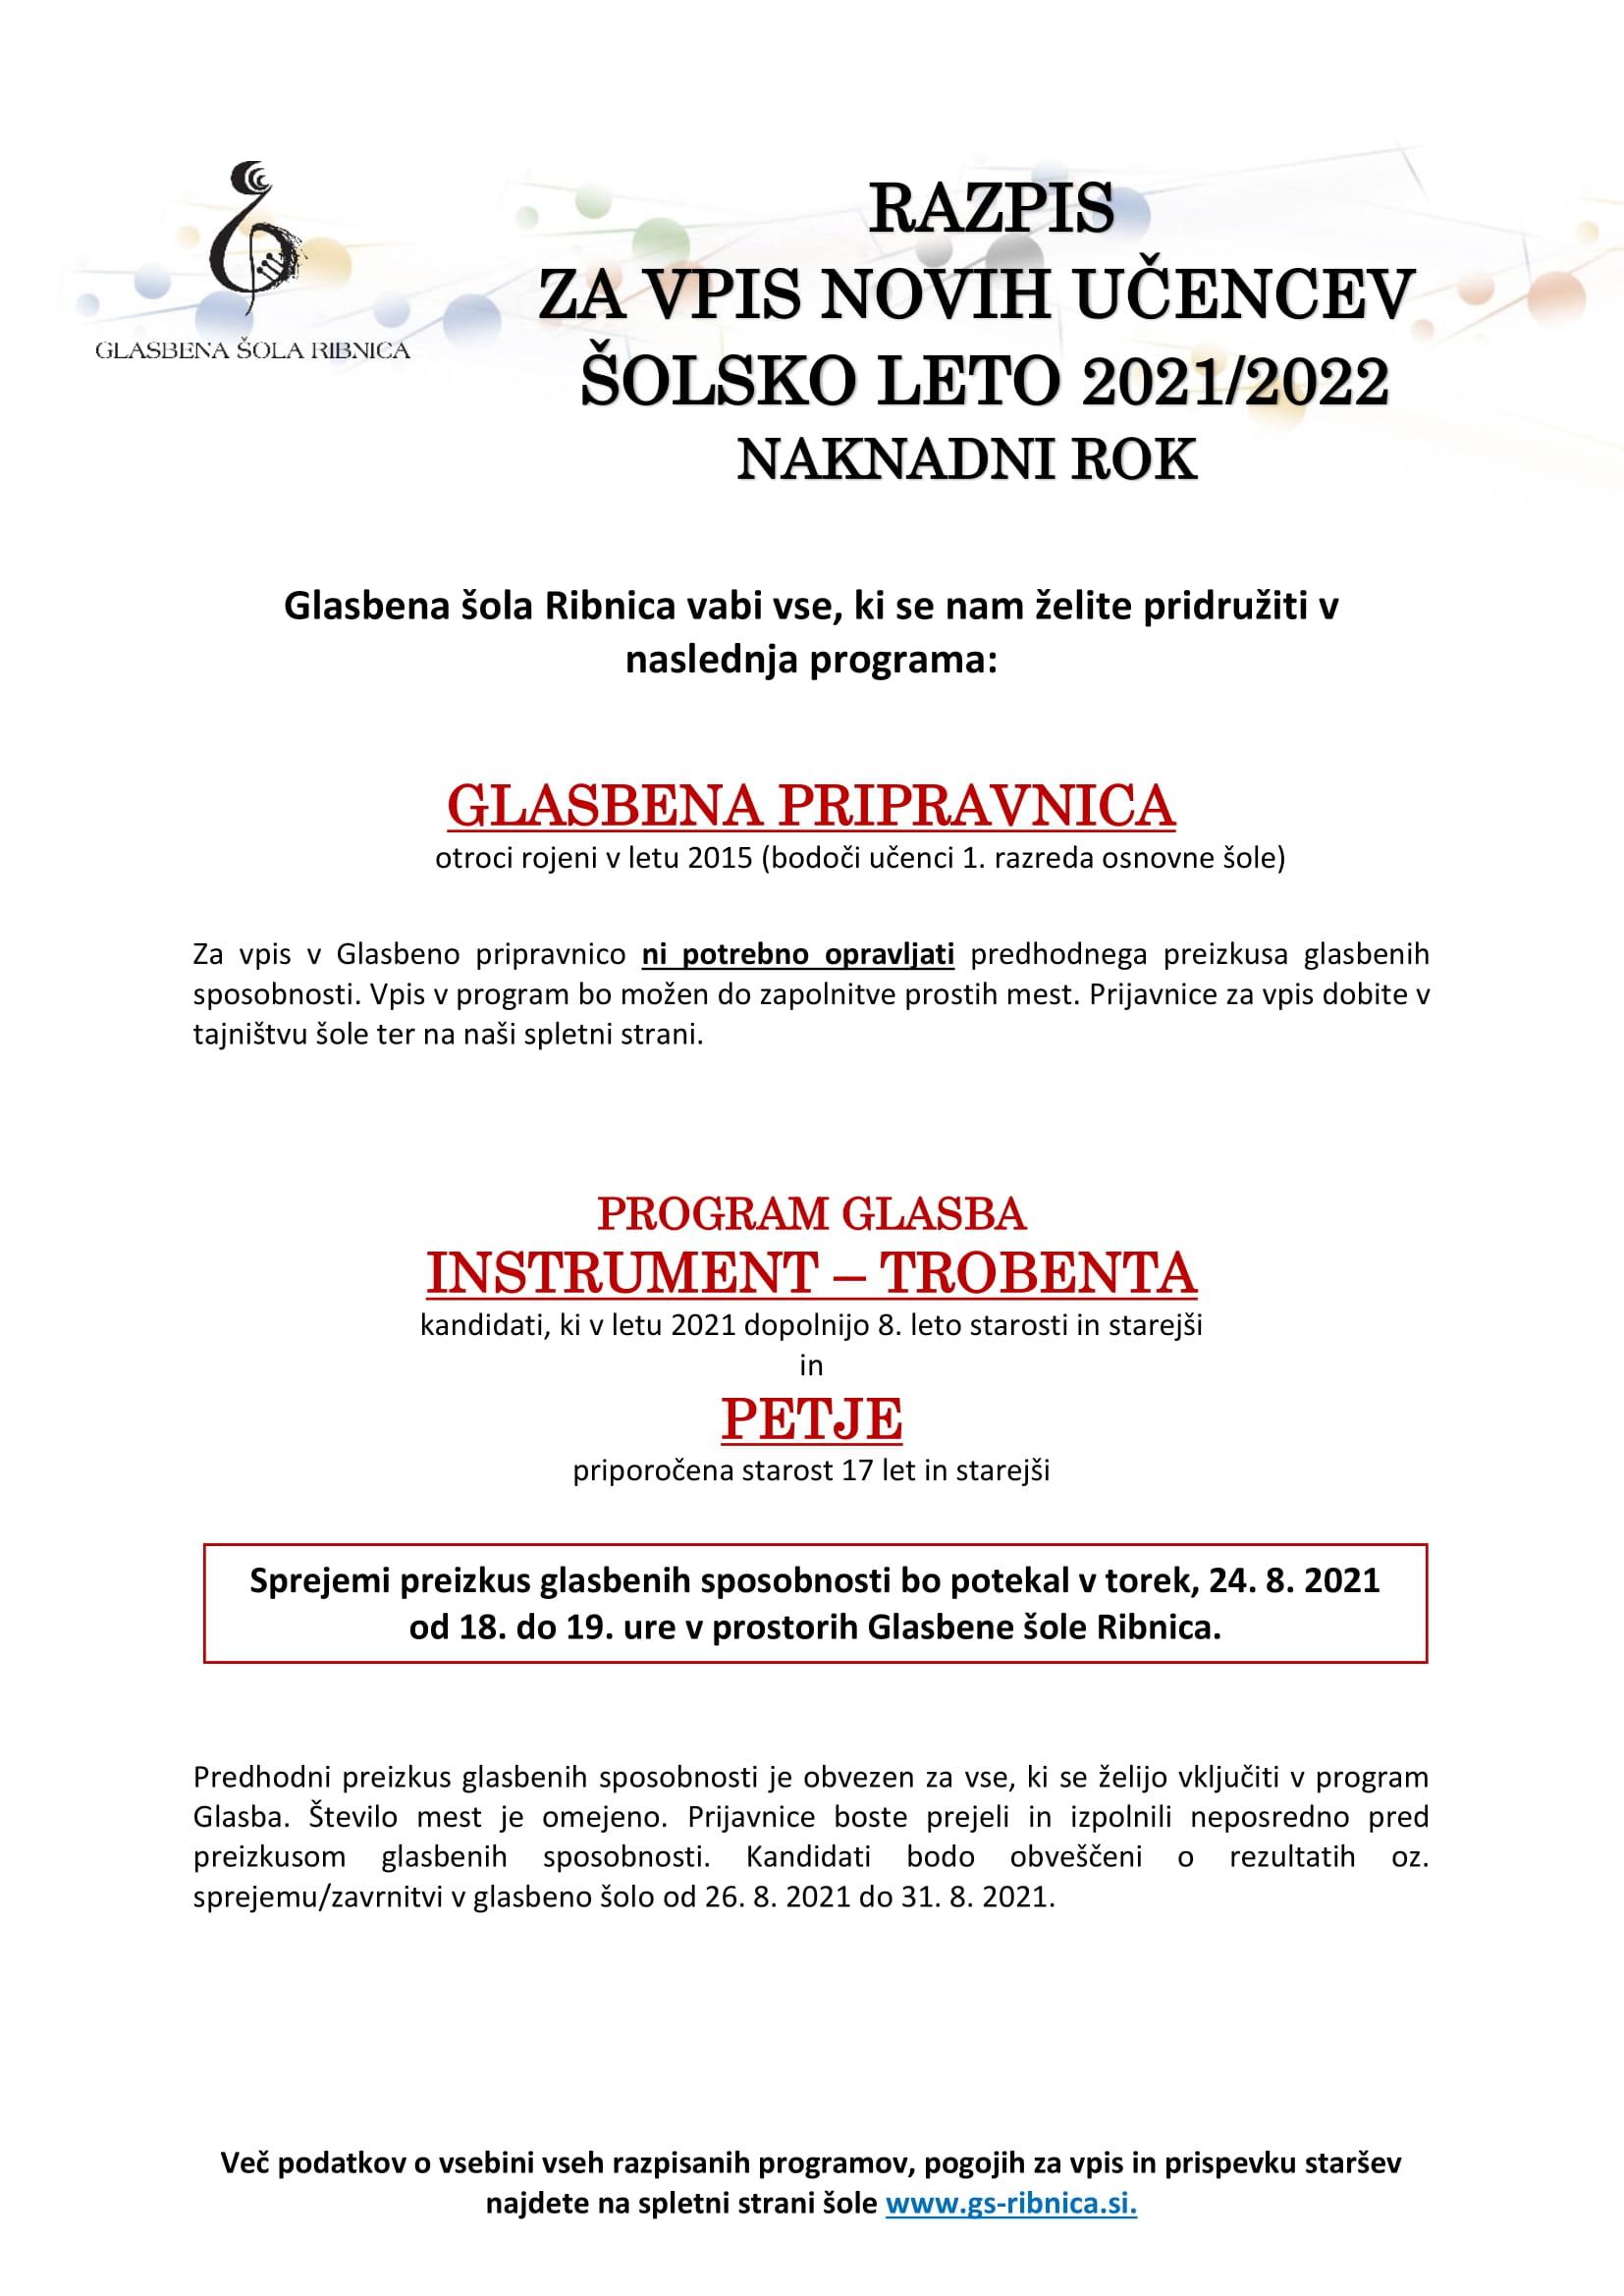 RAZPIS 2021-2022- naknadni rok-1